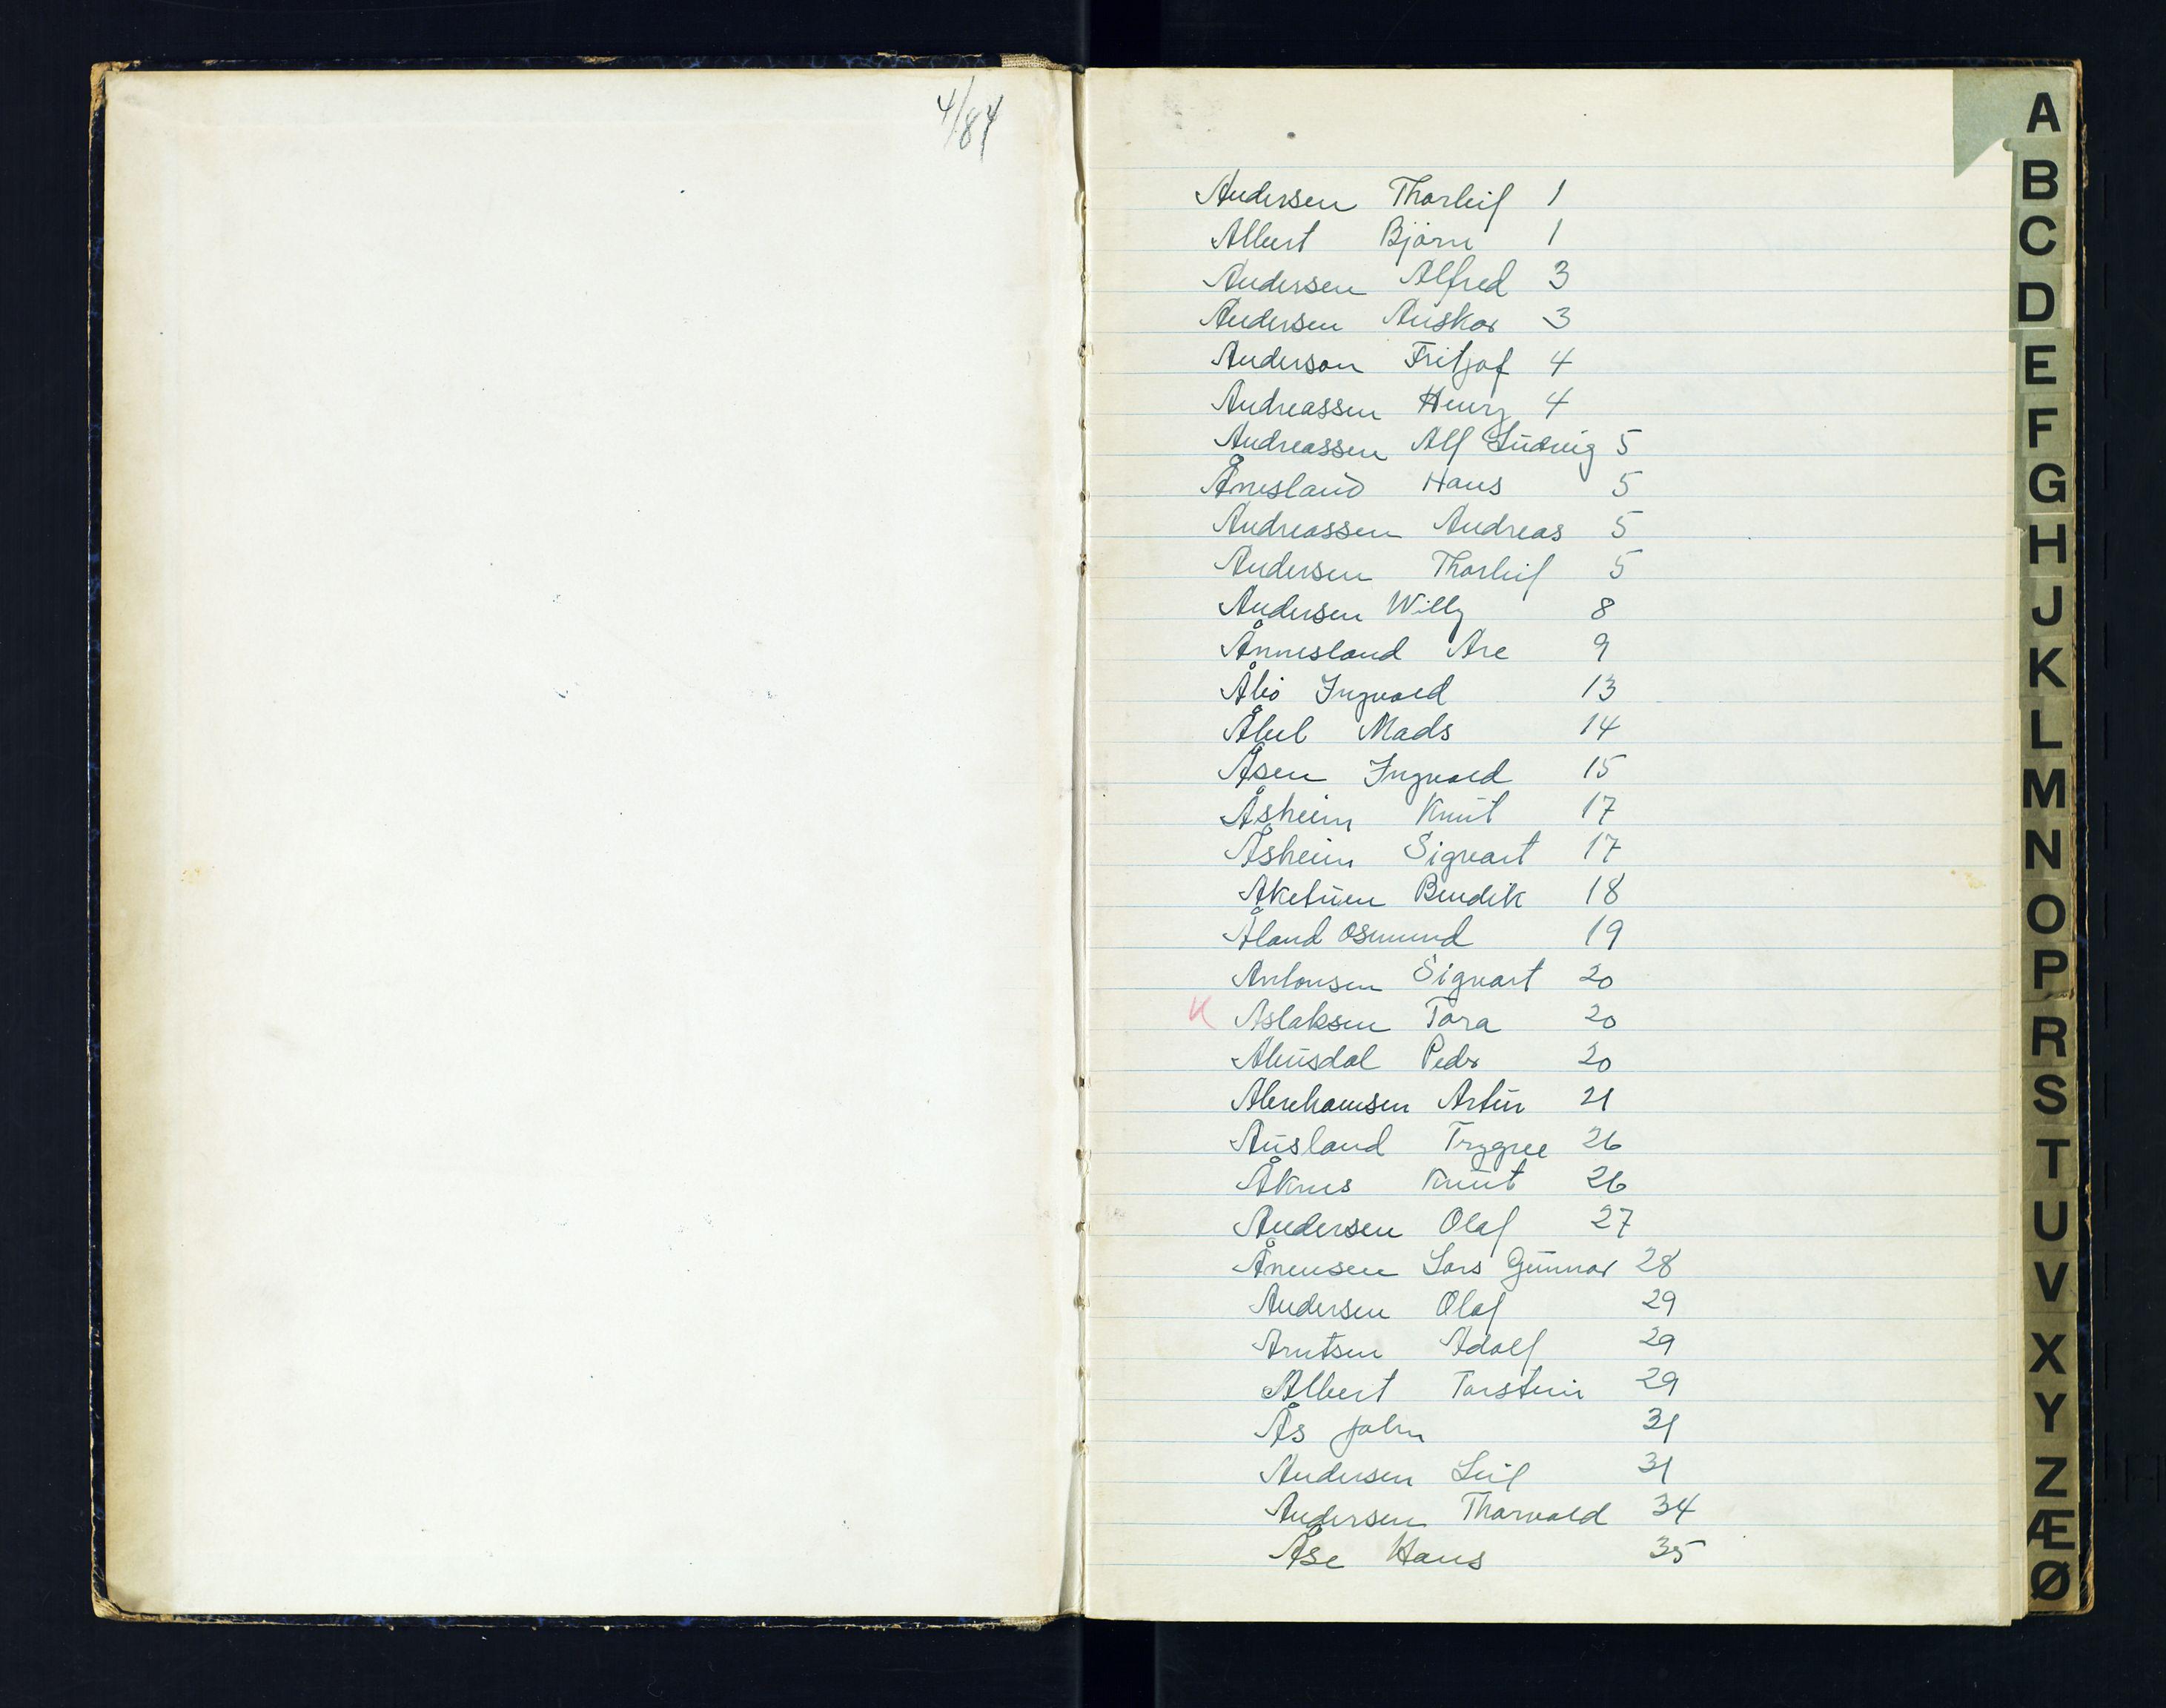 SAK, Kristiansand kretsfengsel, G/Gc/L0009: Register til Gefangenen-Buch B, arresterte, nr 49, 1944-1945